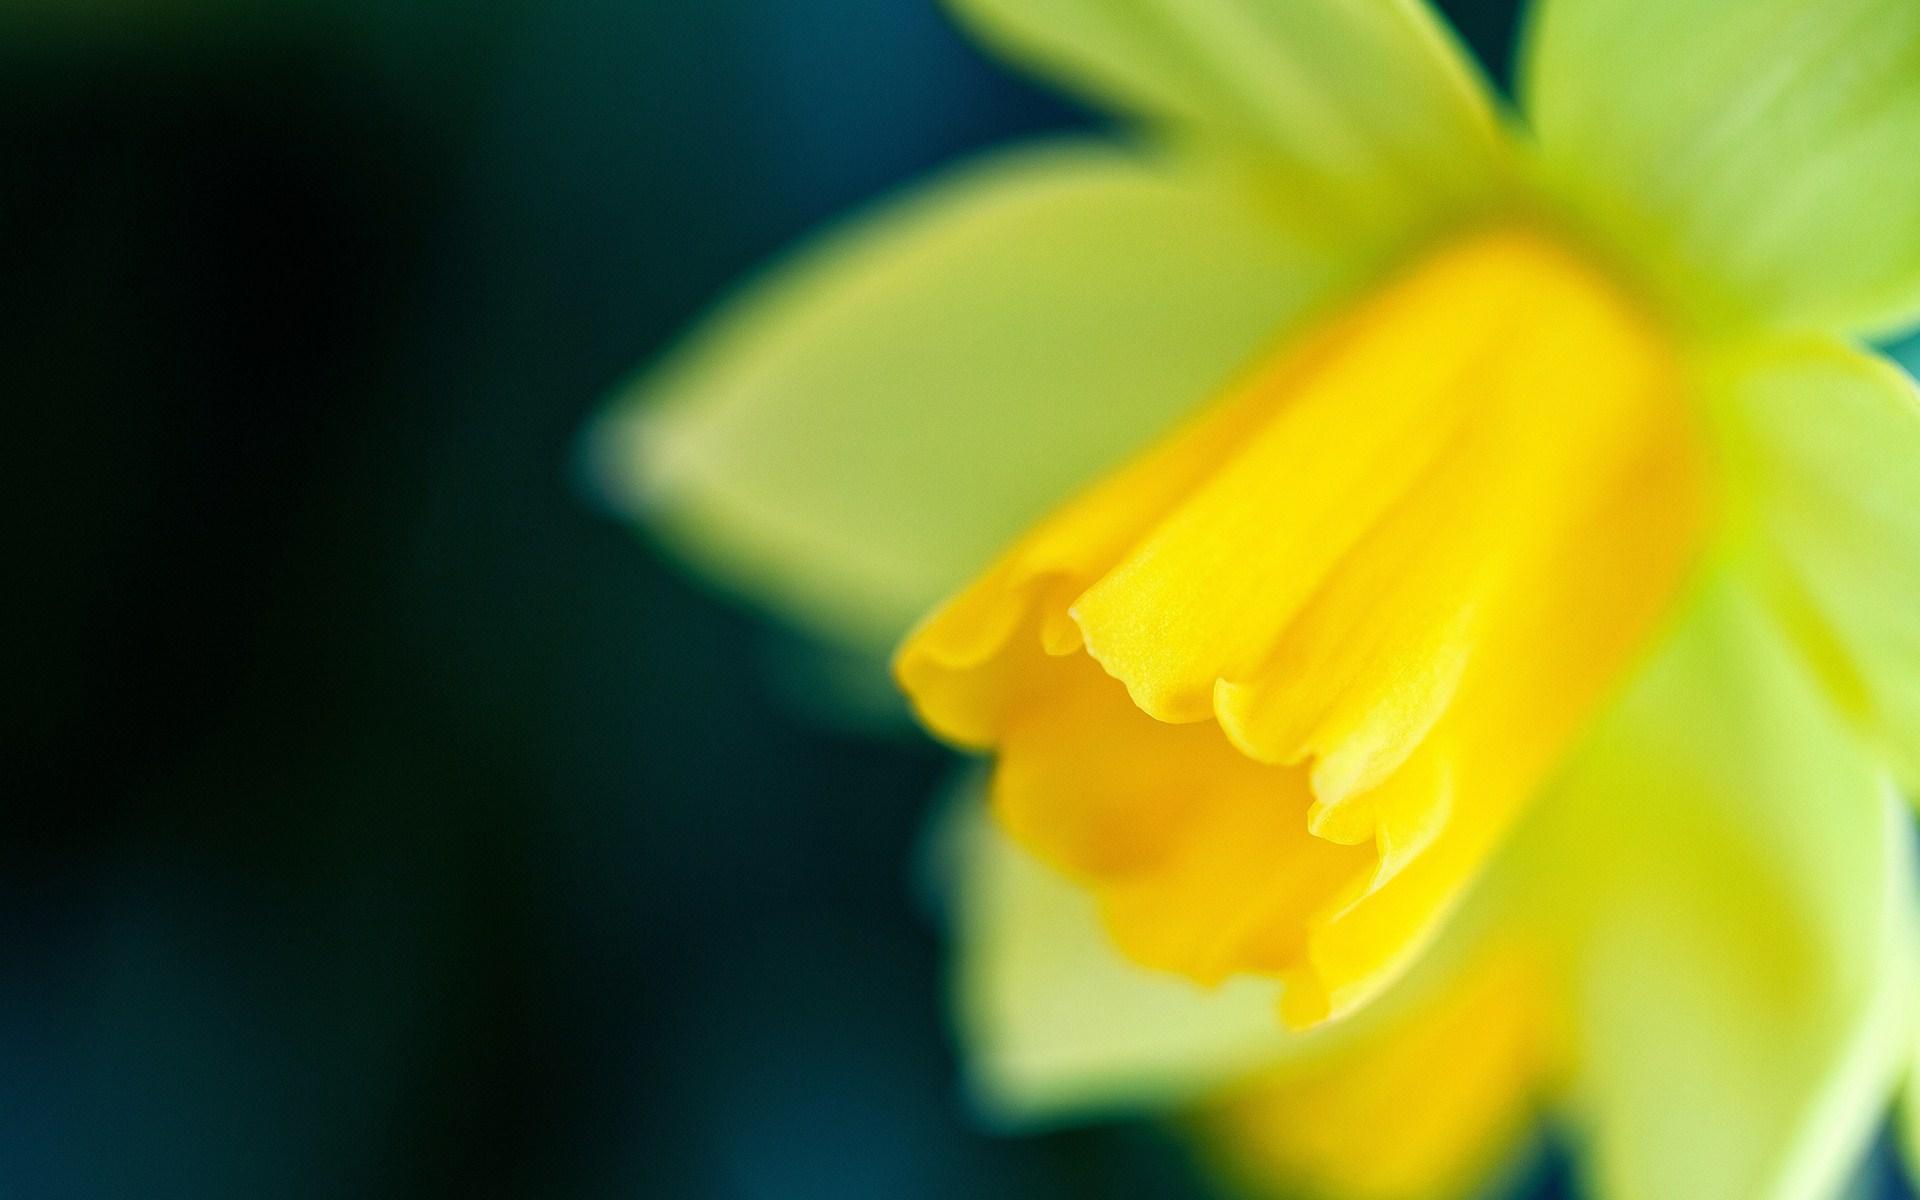 daffodil close up wallpaper 45404 1920x1200 px